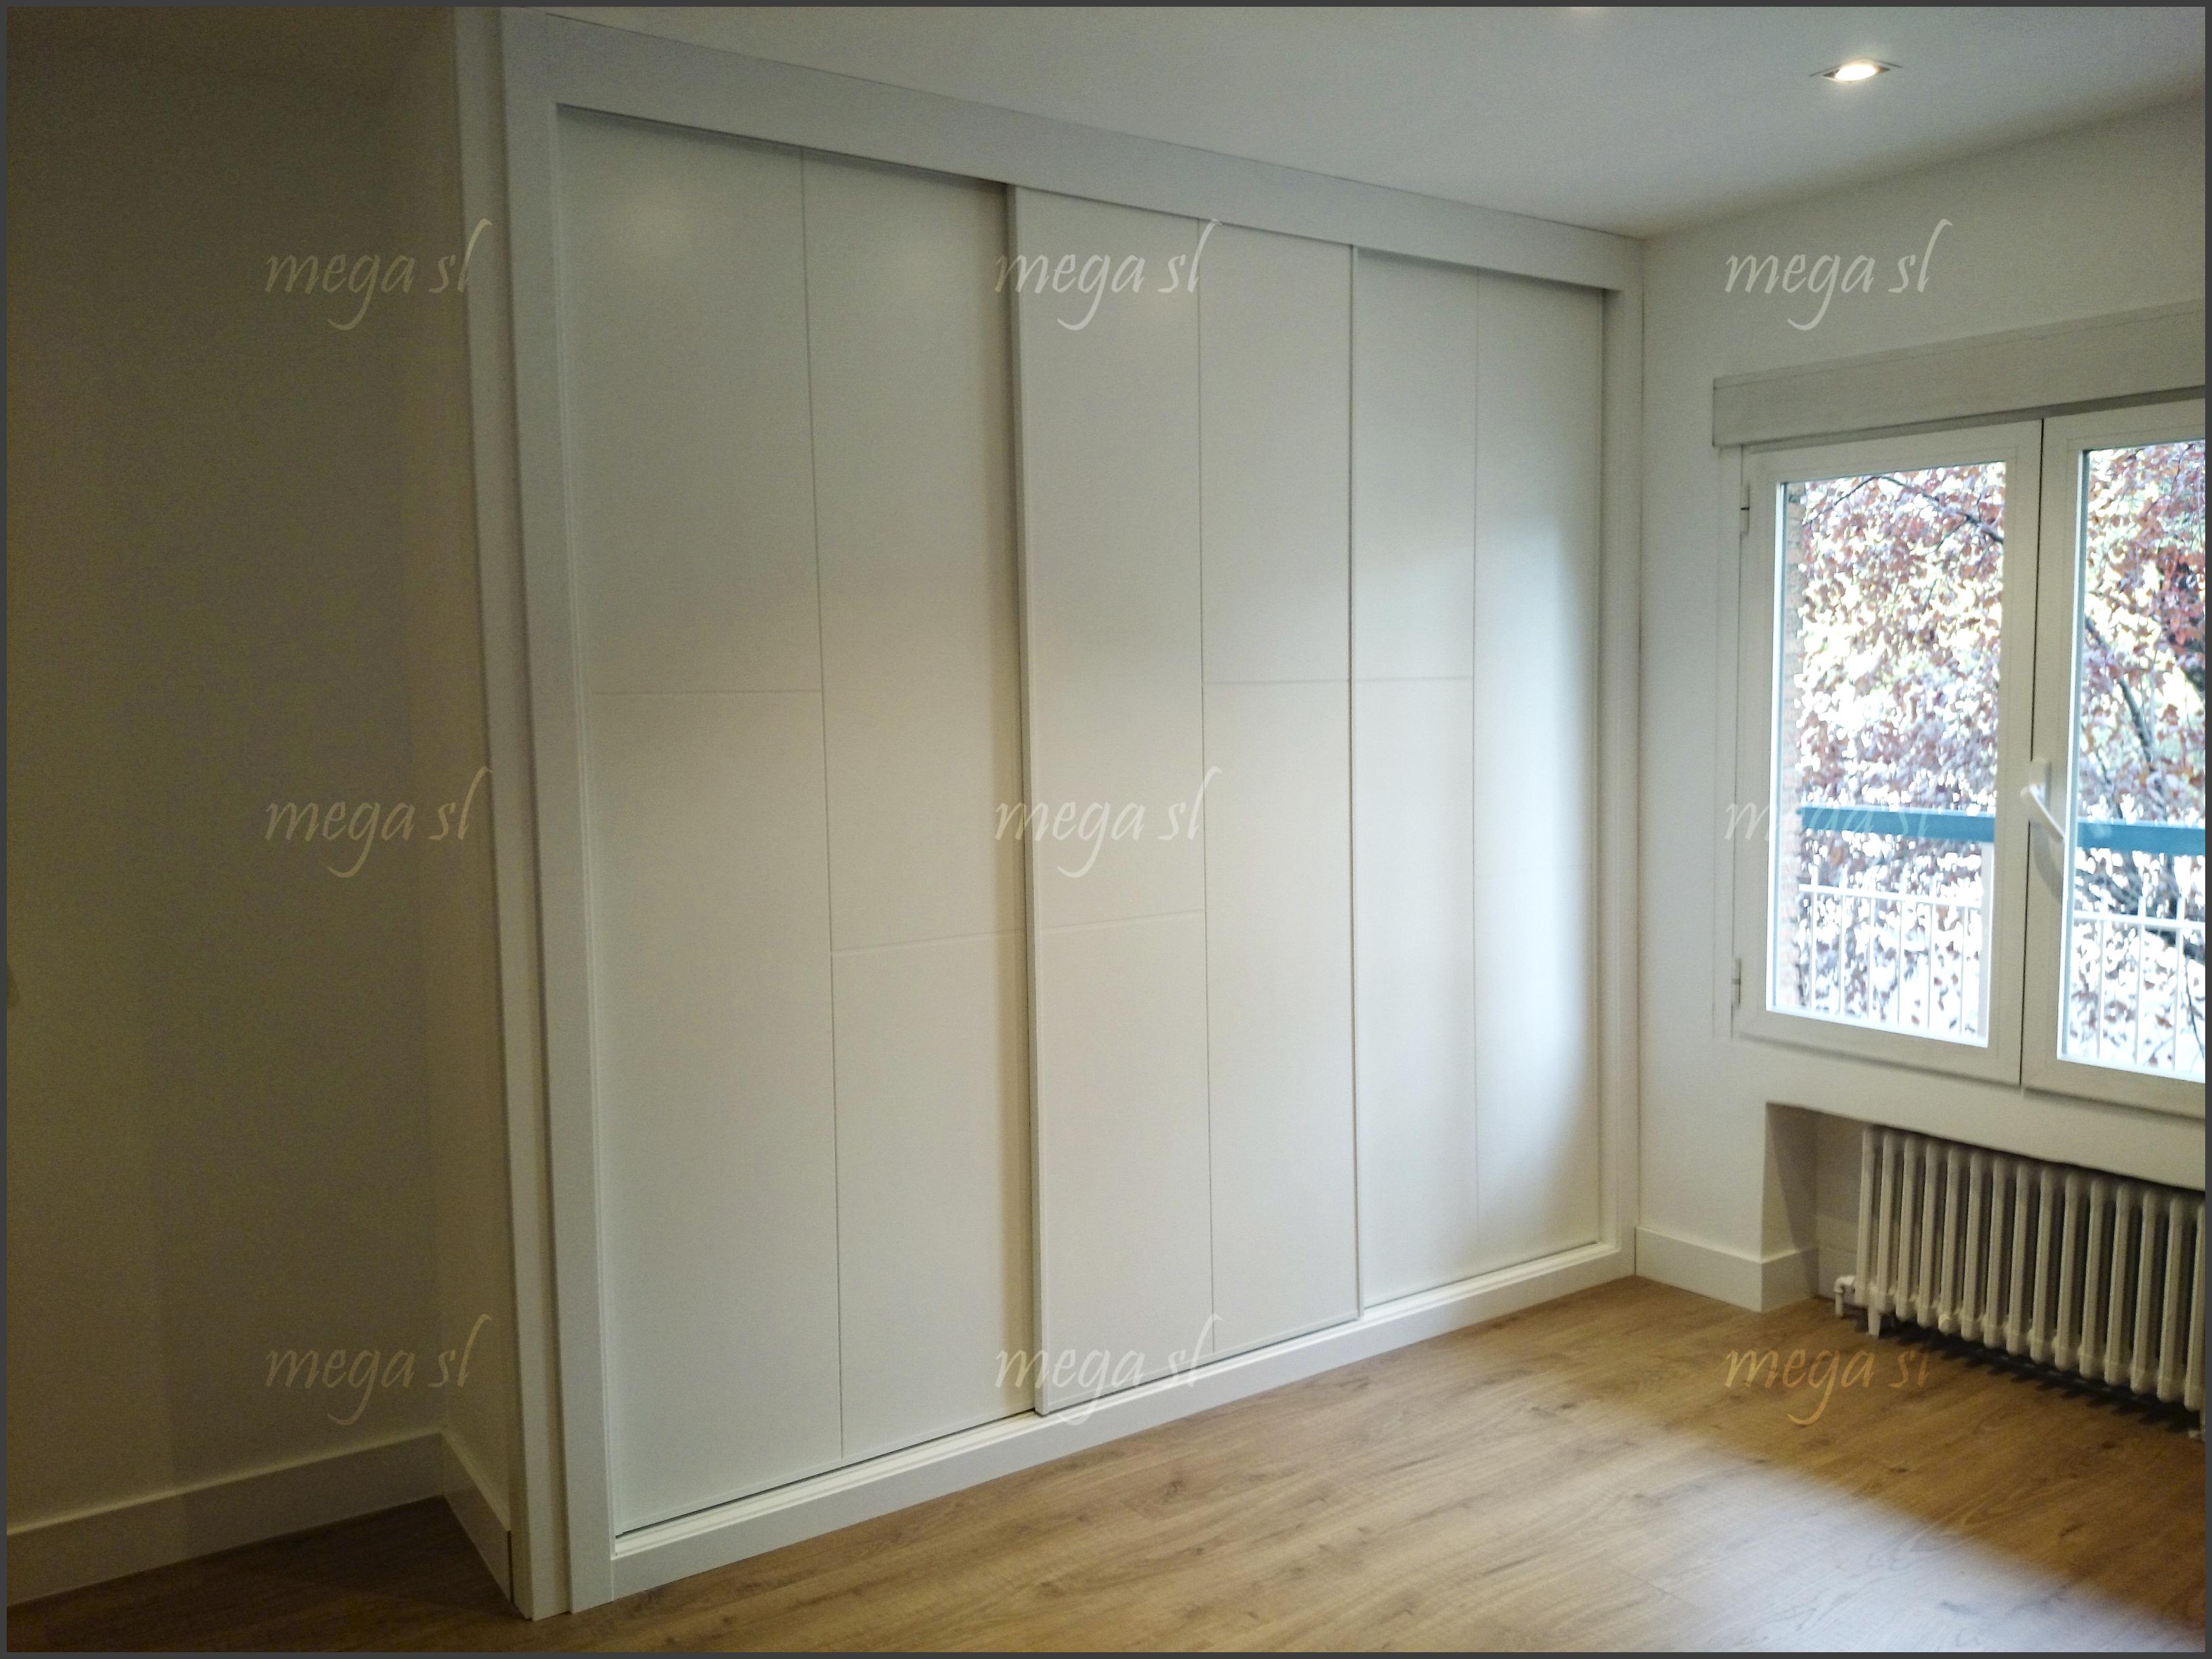 Frente de armario lacado en blanco fresado de puertas - Frente armario empotrado ...